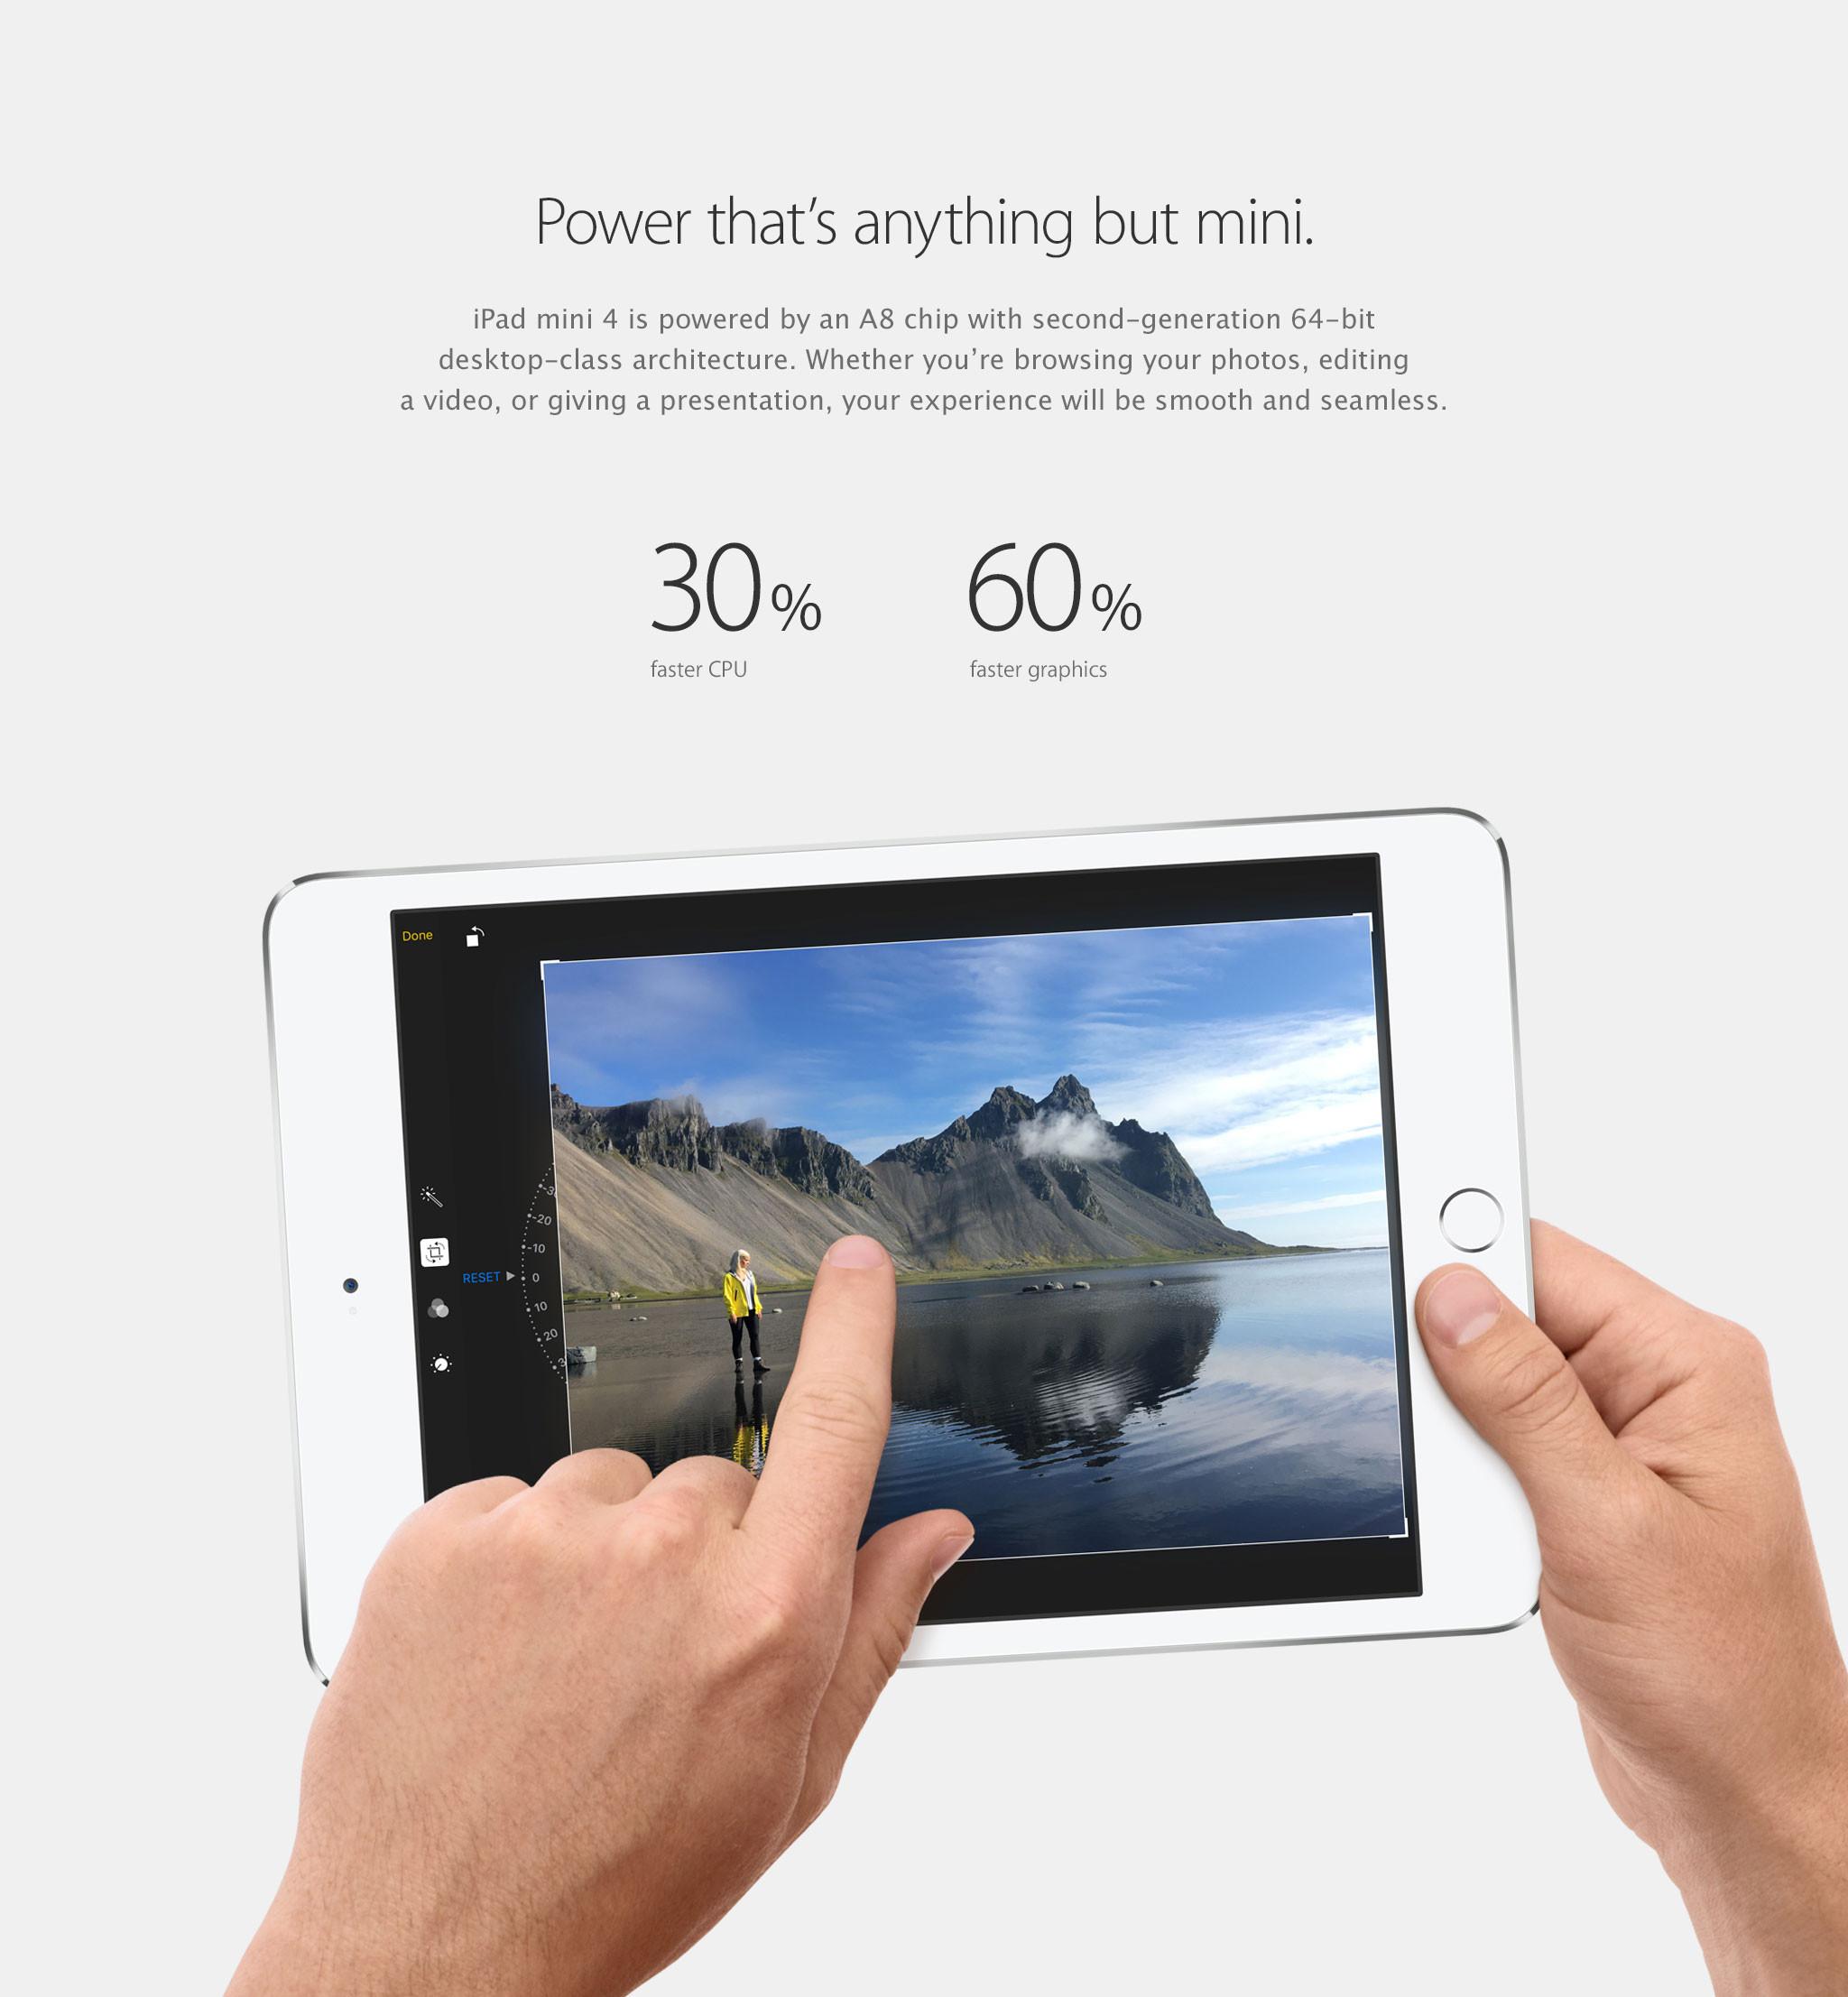 Poder que no coincide con tu tamaño. El iPad mini 4 cuenta con chip un A8 con arquitectura de escritorio de 64 bits de segunda generación. Ya sea que estés viendo tus fotos, editando un video u ofreciendo una presentación, tu experiencia será impecable. CPU 30% más rápida; gráficos 60% más rápidos.